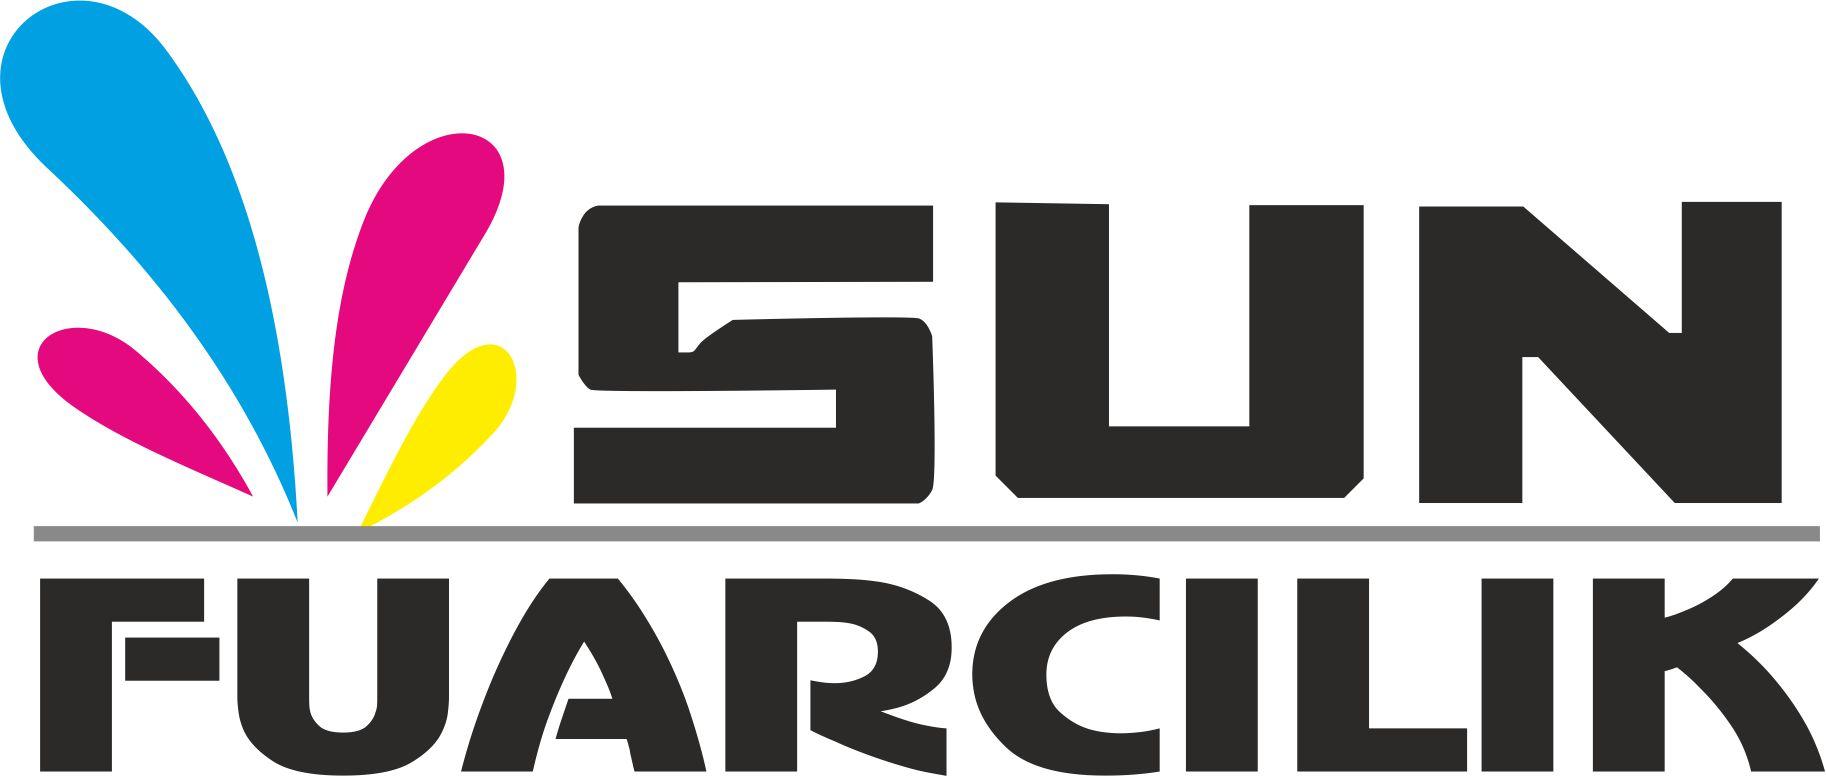 http://www.sunfuarcilik.com/